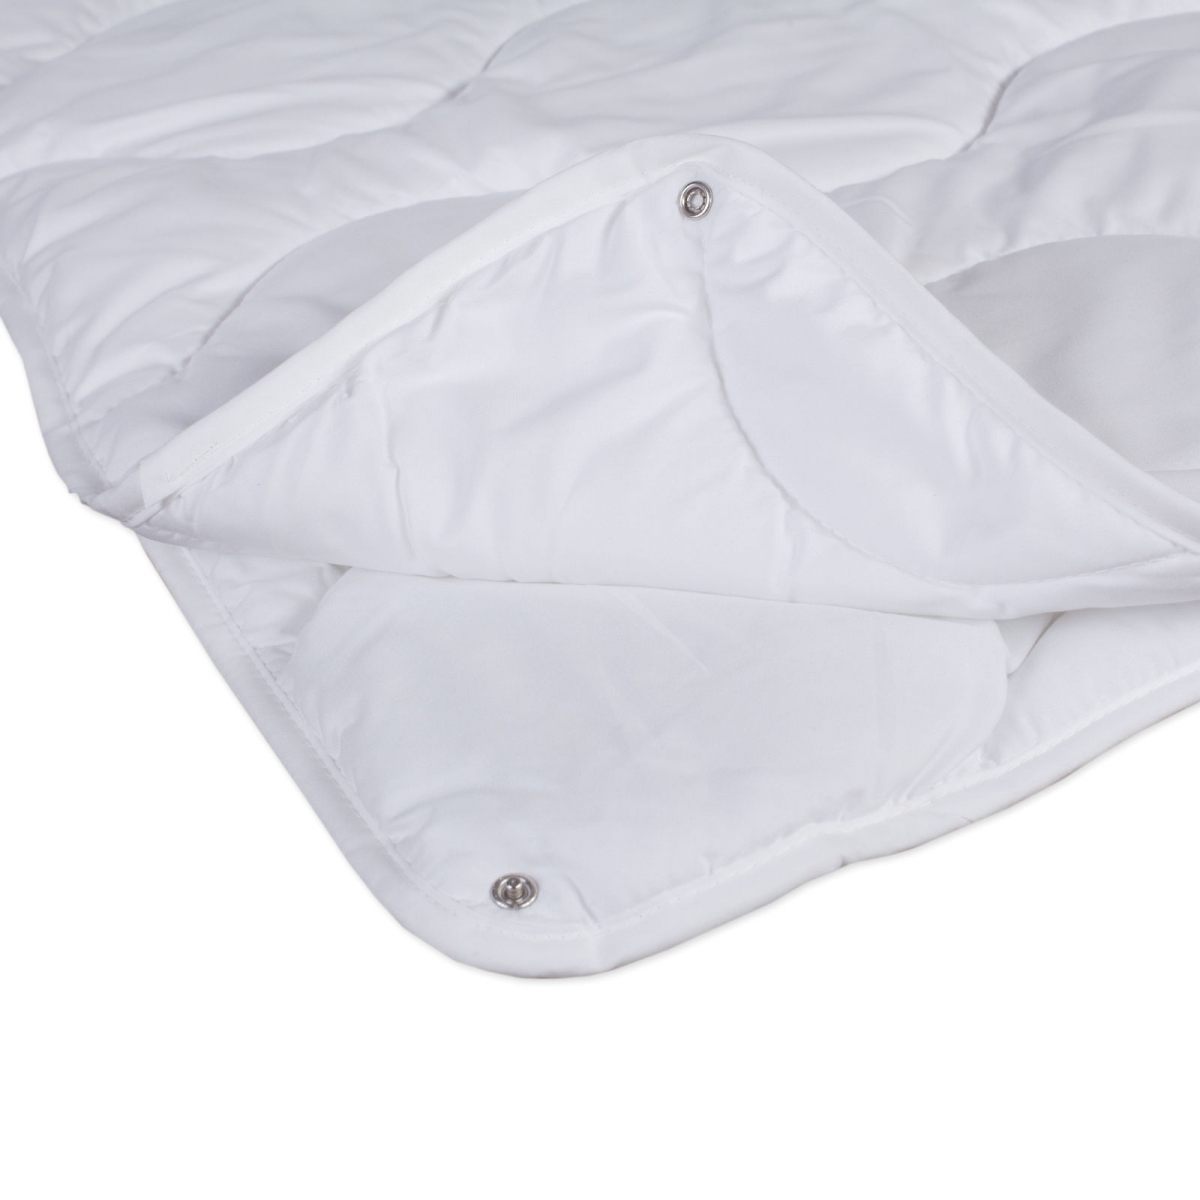 4 jahreszeiten bettdecke kochfest 95 c allergiker geeignet 155x220 cm schlaf und. Black Bedroom Furniture Sets. Home Design Ideas